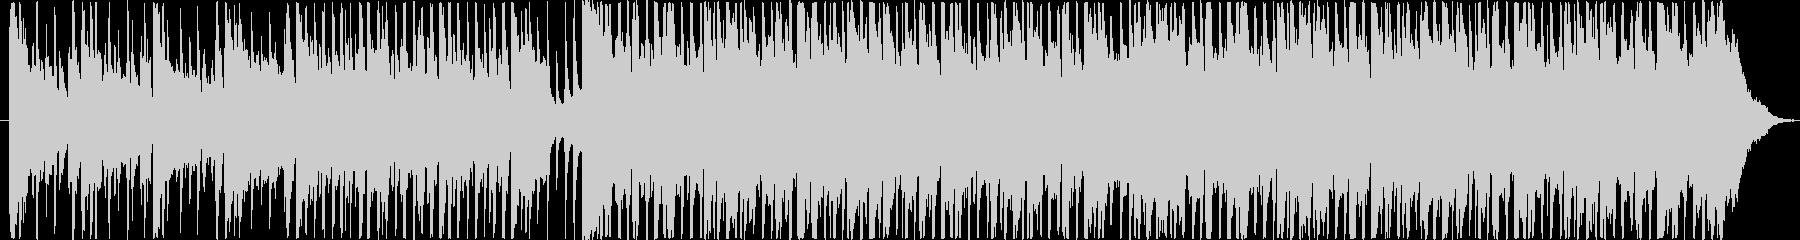 楽しい雰囲気のBGM(60秒ver)の未再生の波形